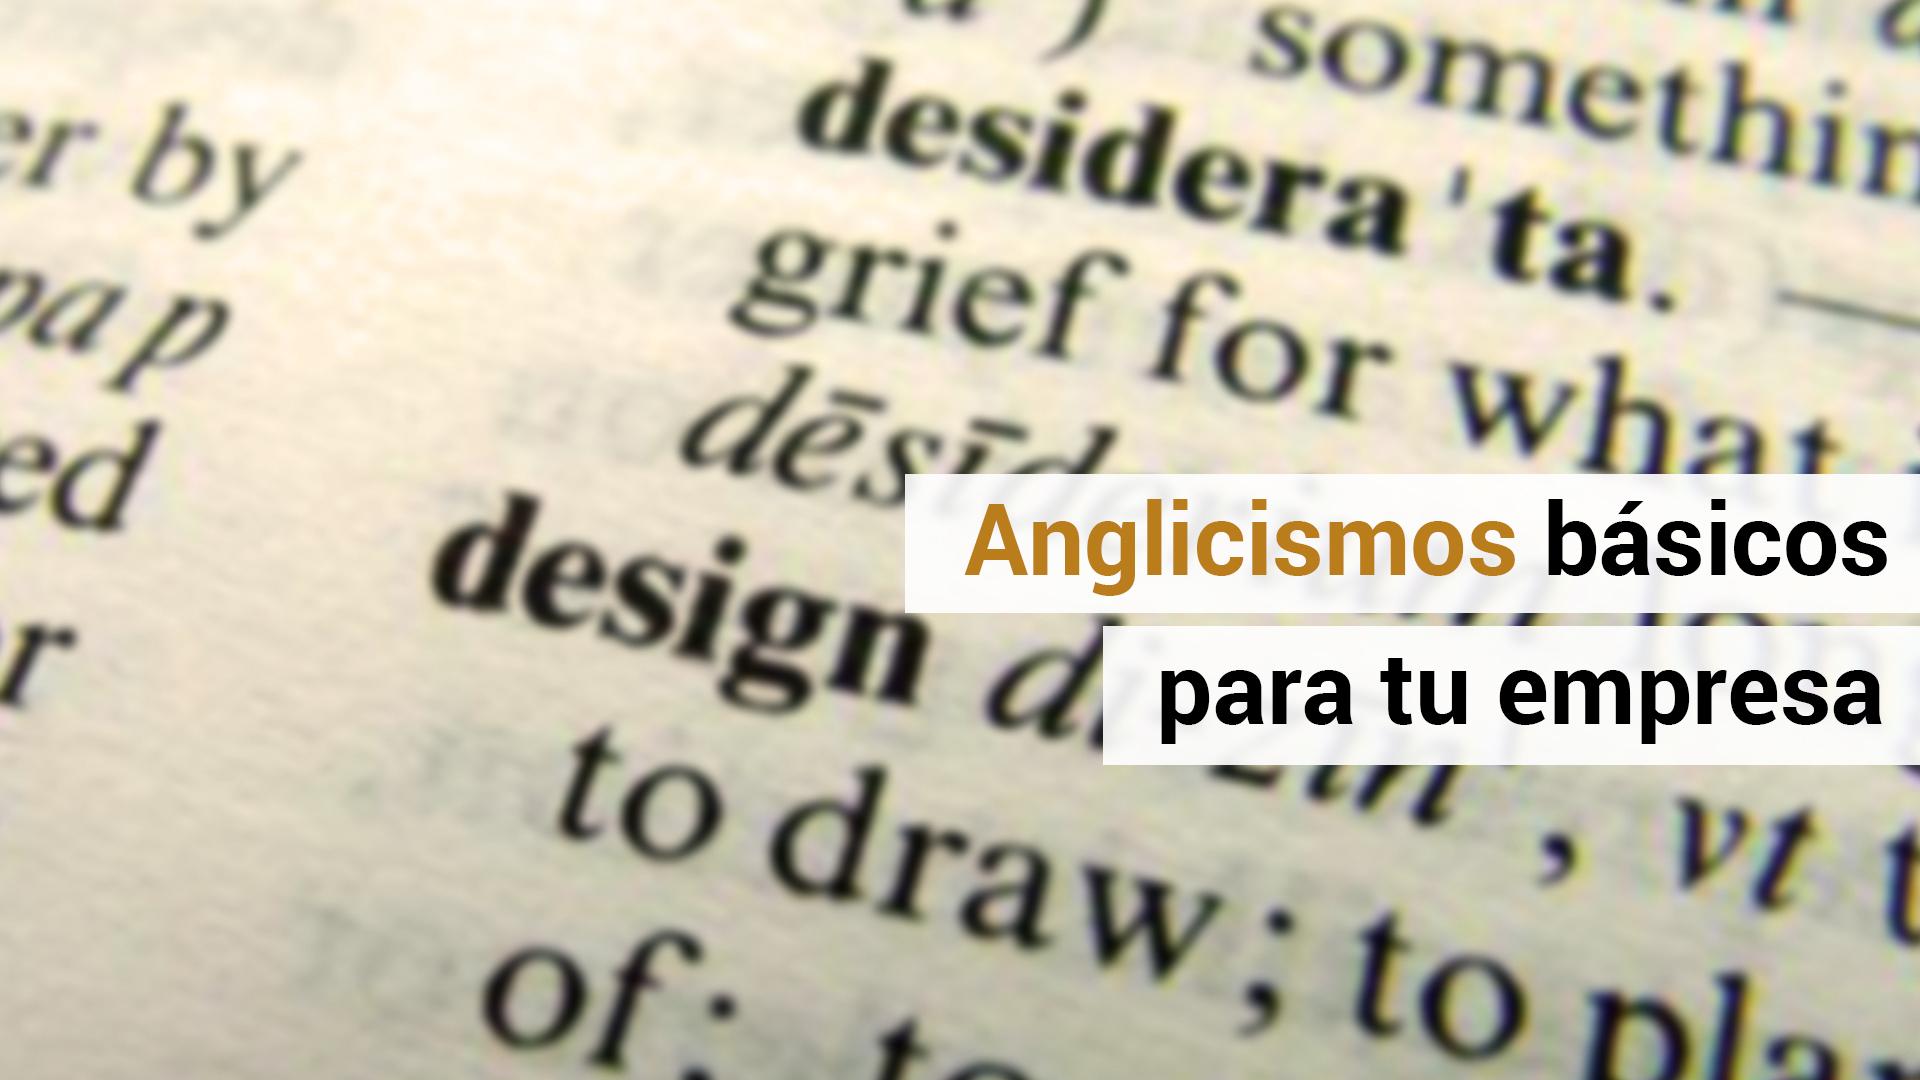 10 anglicismos empresariales que debes conocer